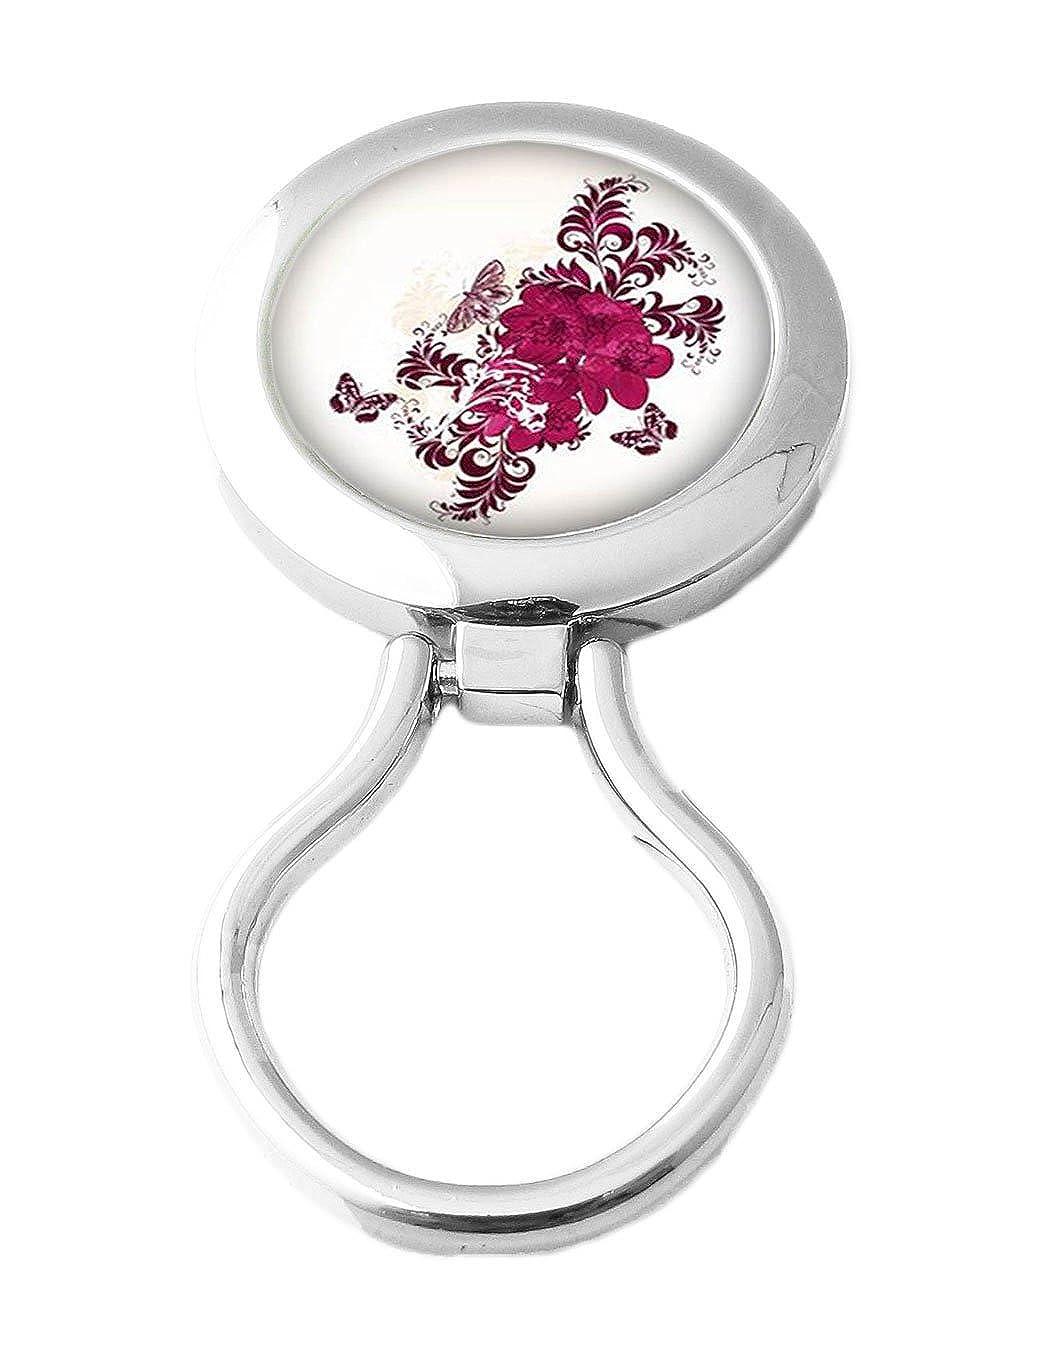 Porta Occhiali Magnetico - Spilla Clip Magnetica Da Indossare (Fuchsia) PLFUCH